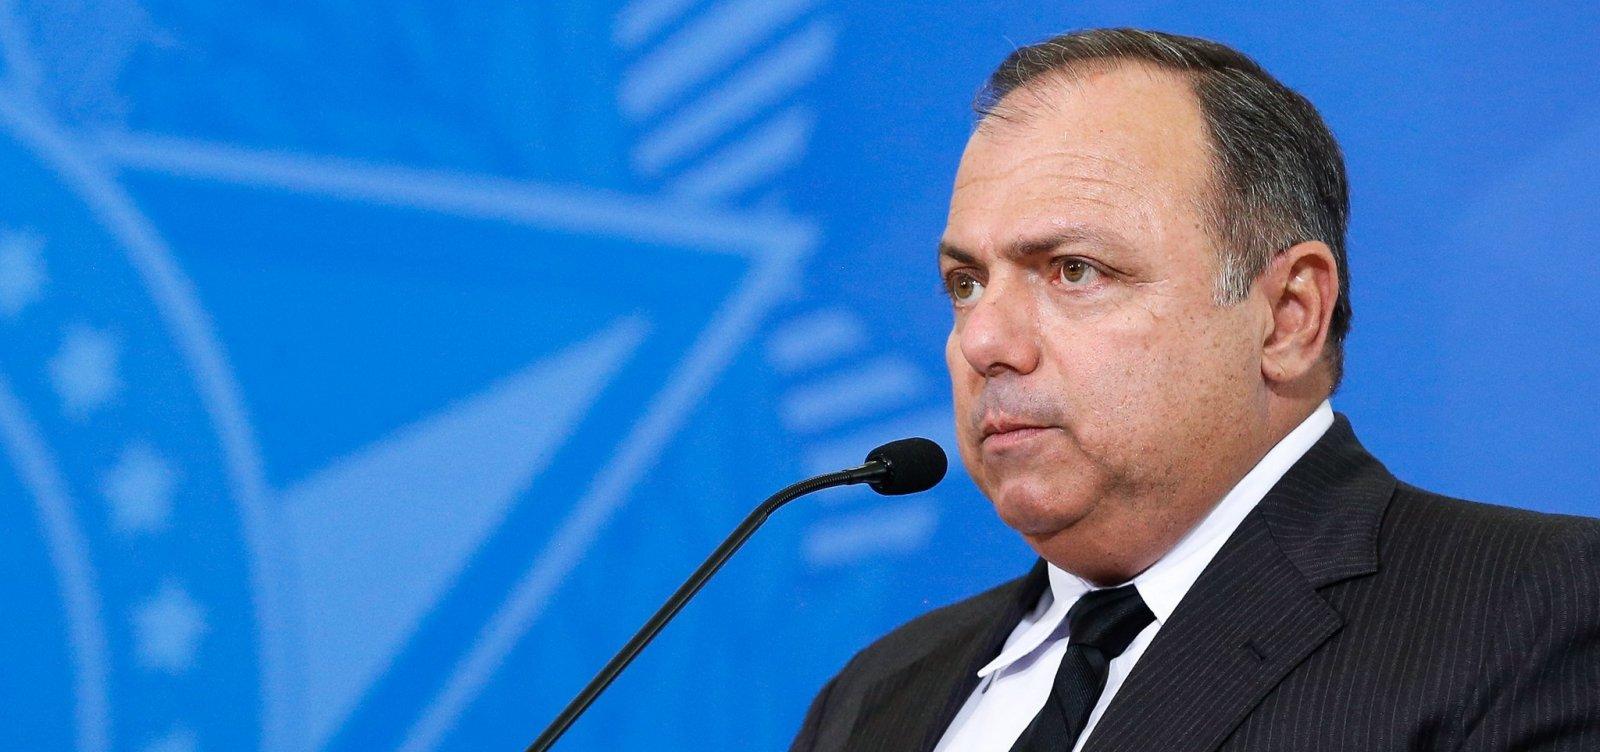 'Ninguém receberá a vacina contra Covid-19 antes de Manaus', diz Pazuello